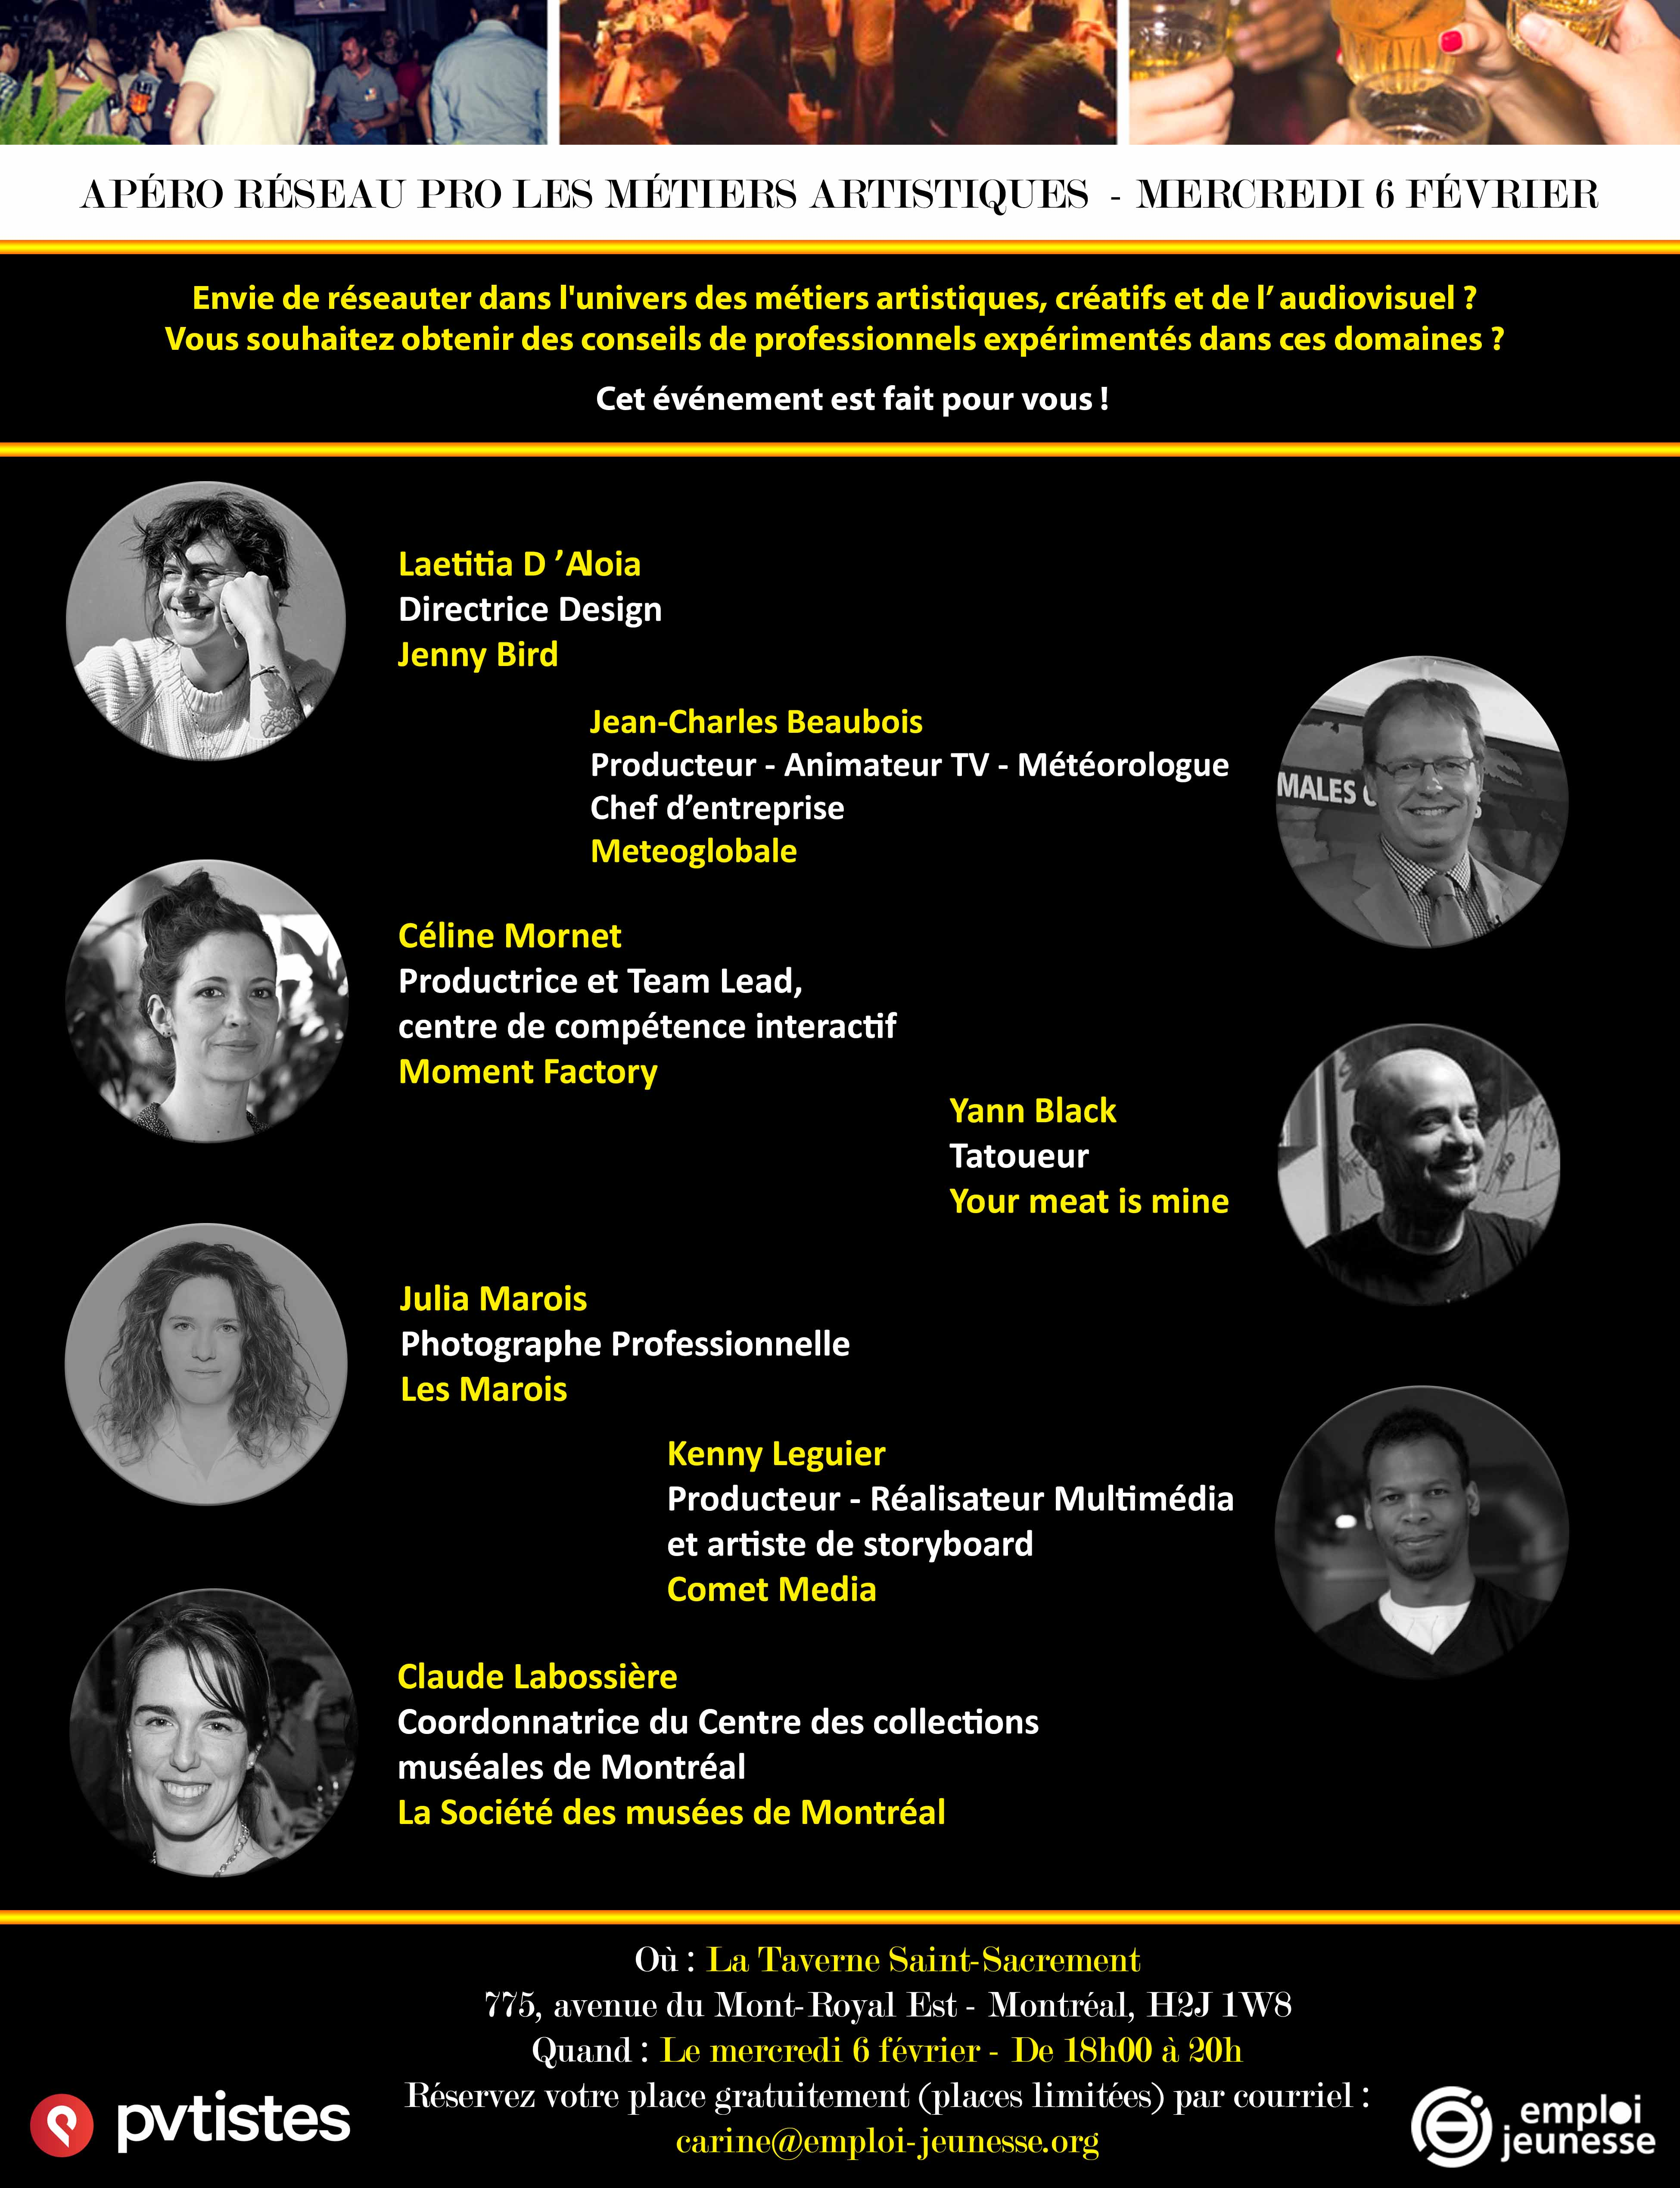 Apéro Réseau Pro les métiers artistiques, créatifs et de l'audiovisuel